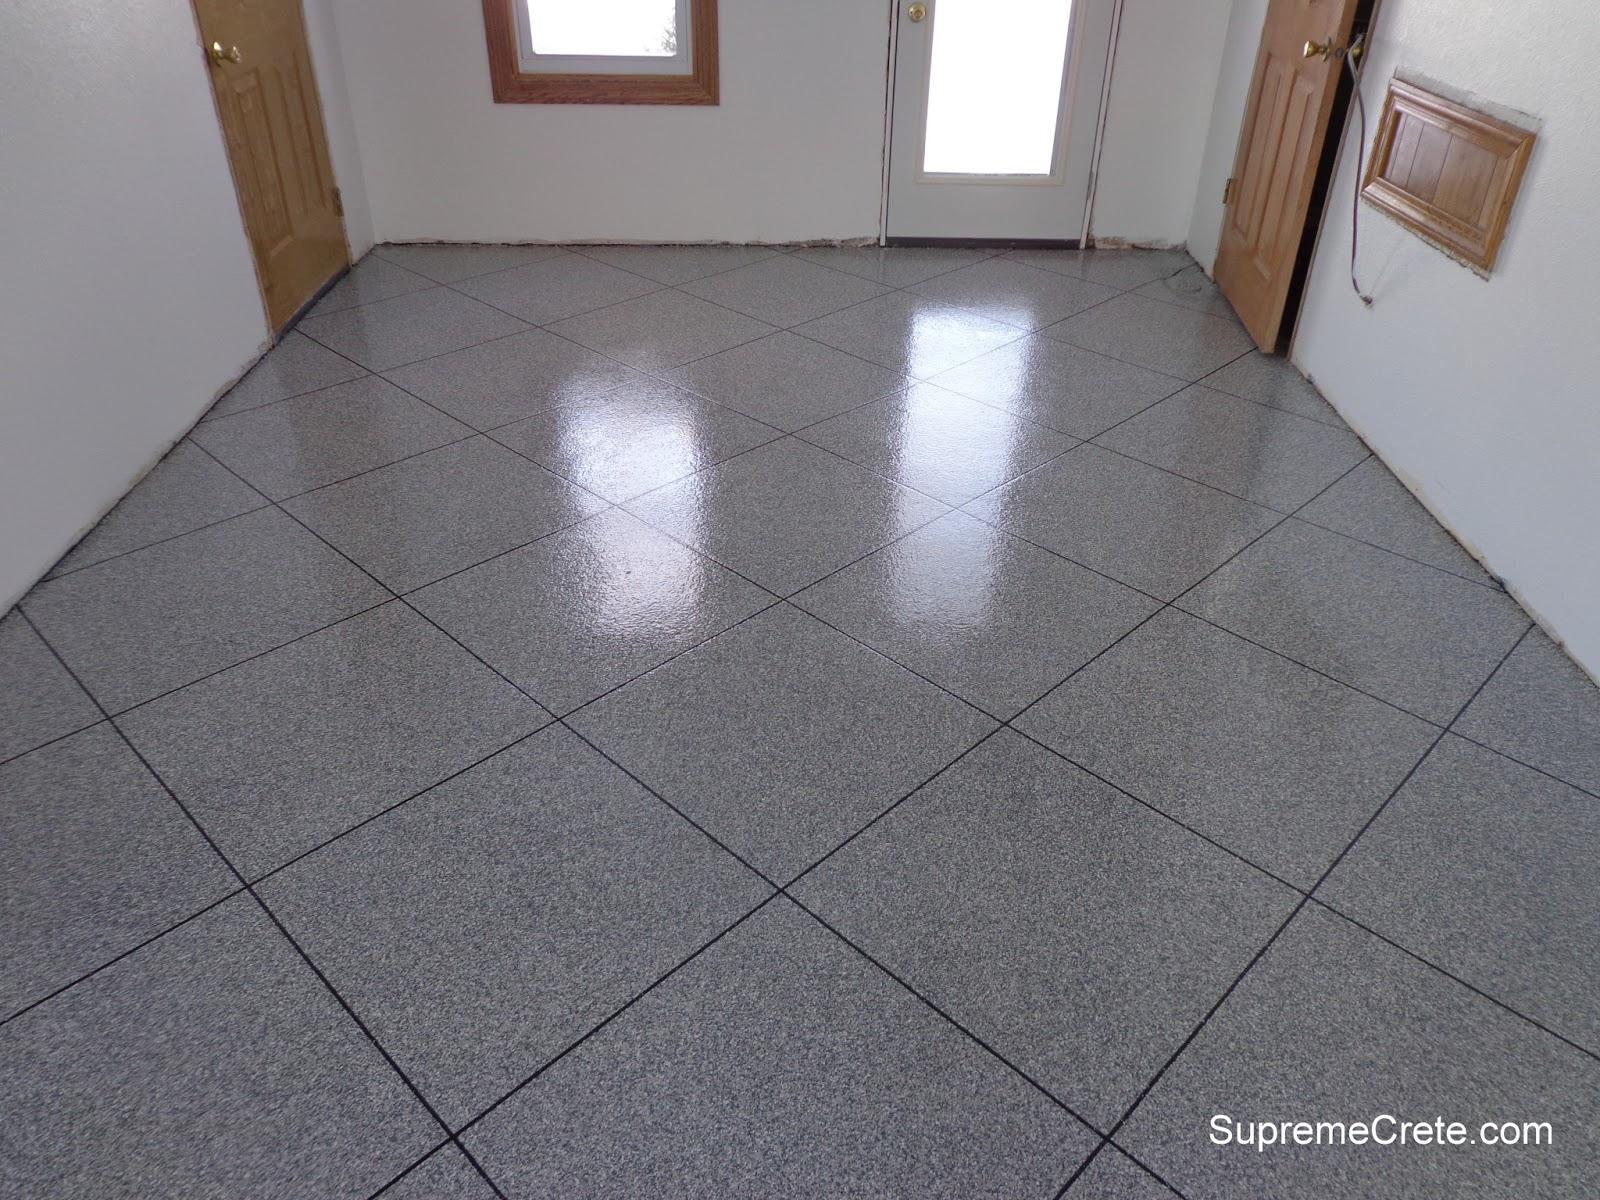 Decorative Concrete Contractors: Epoxy Granite Tile